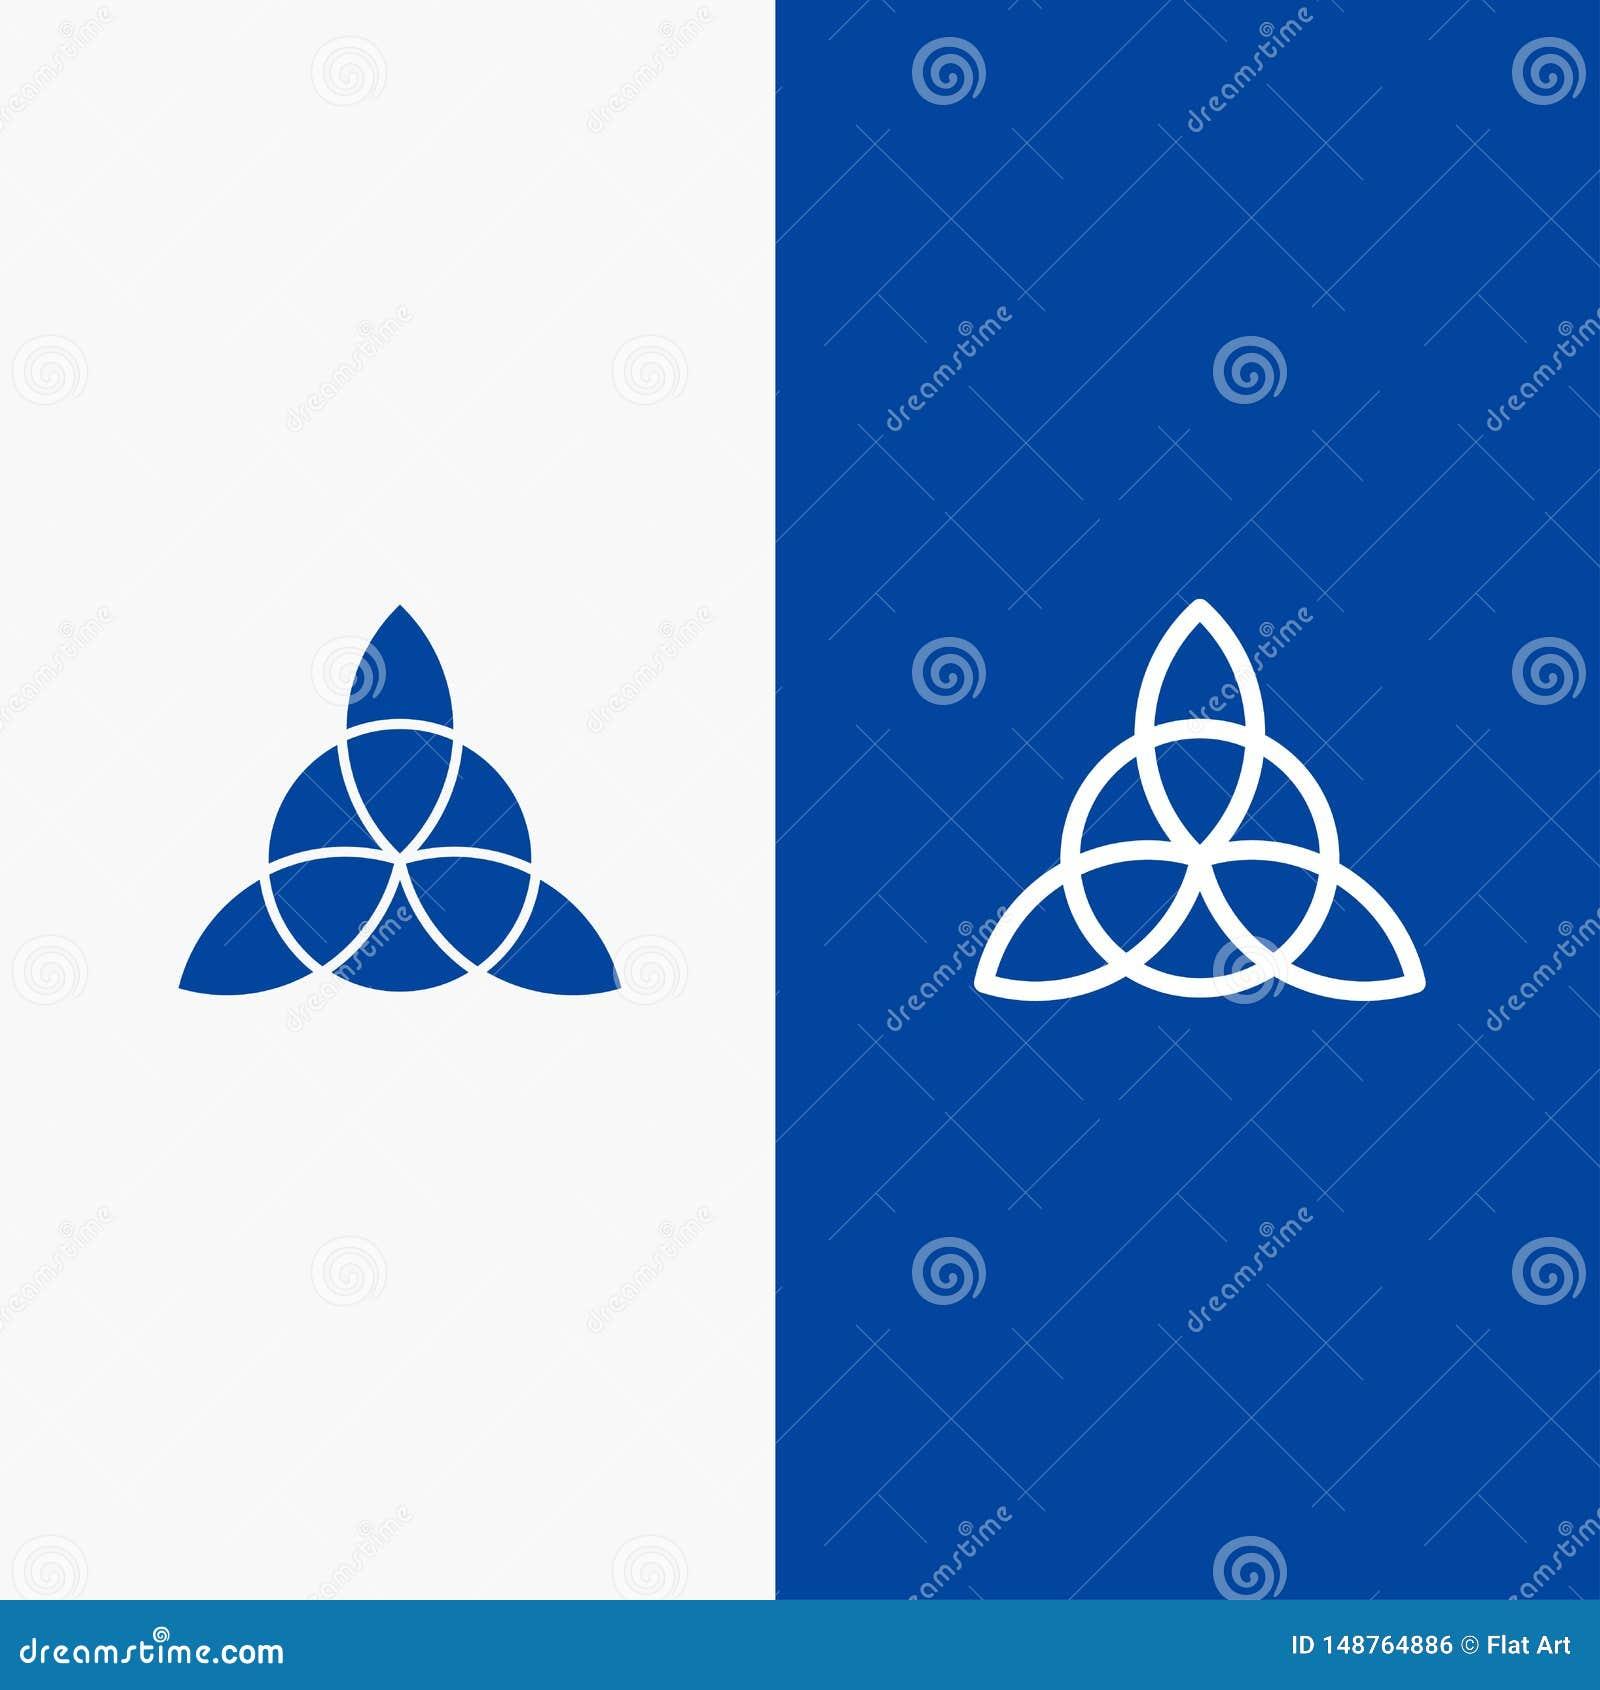 Keltische, Irlands, der Blumen-Linie und des Glyph fester Ikone der blauen Fahne Ikone Linie und Glyph festen blaue Fahne